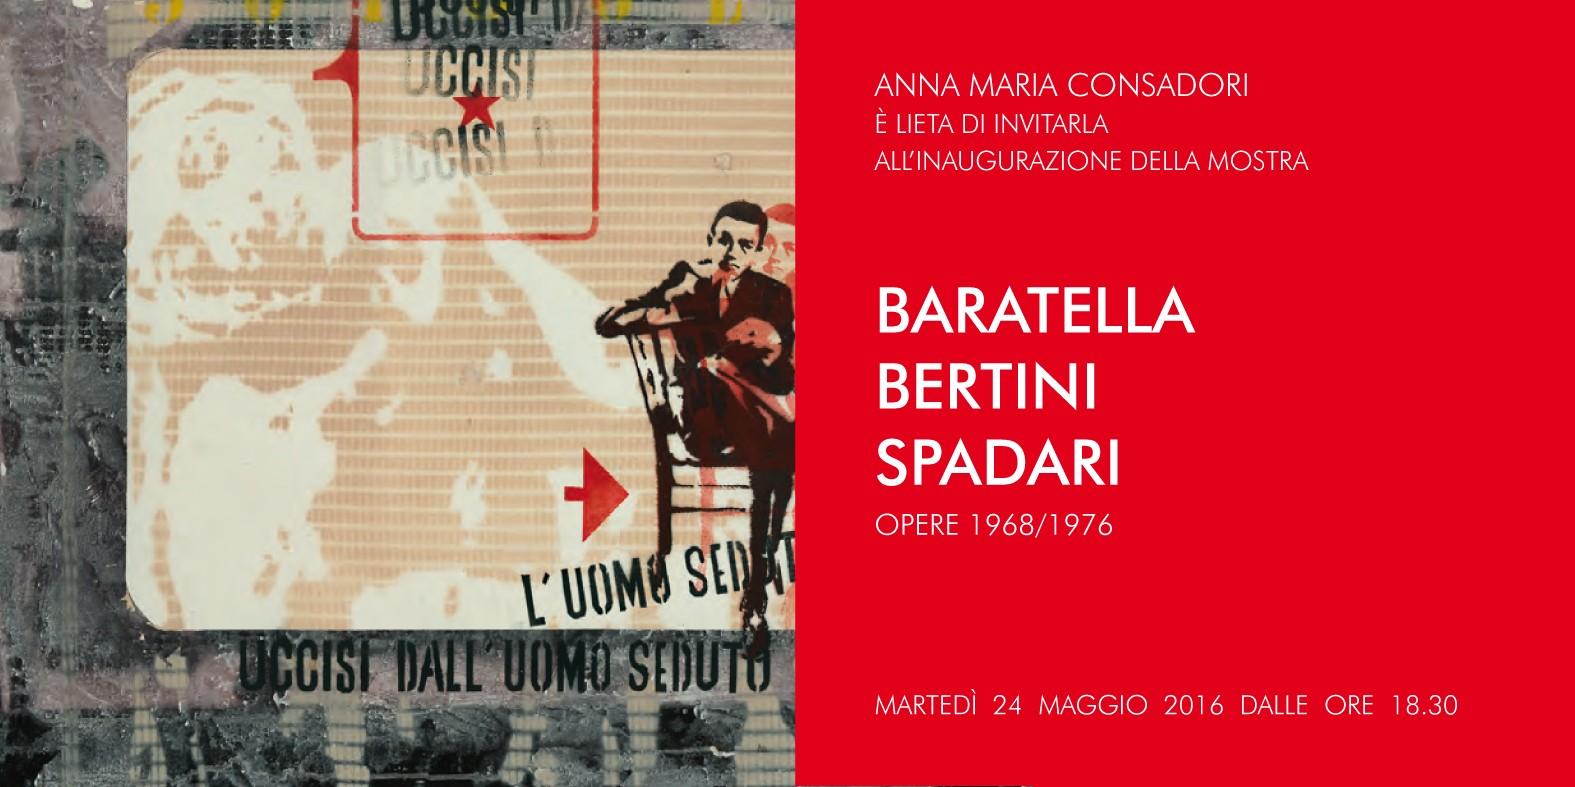 Baraeltla Bertini Spadari opere 1968-1976